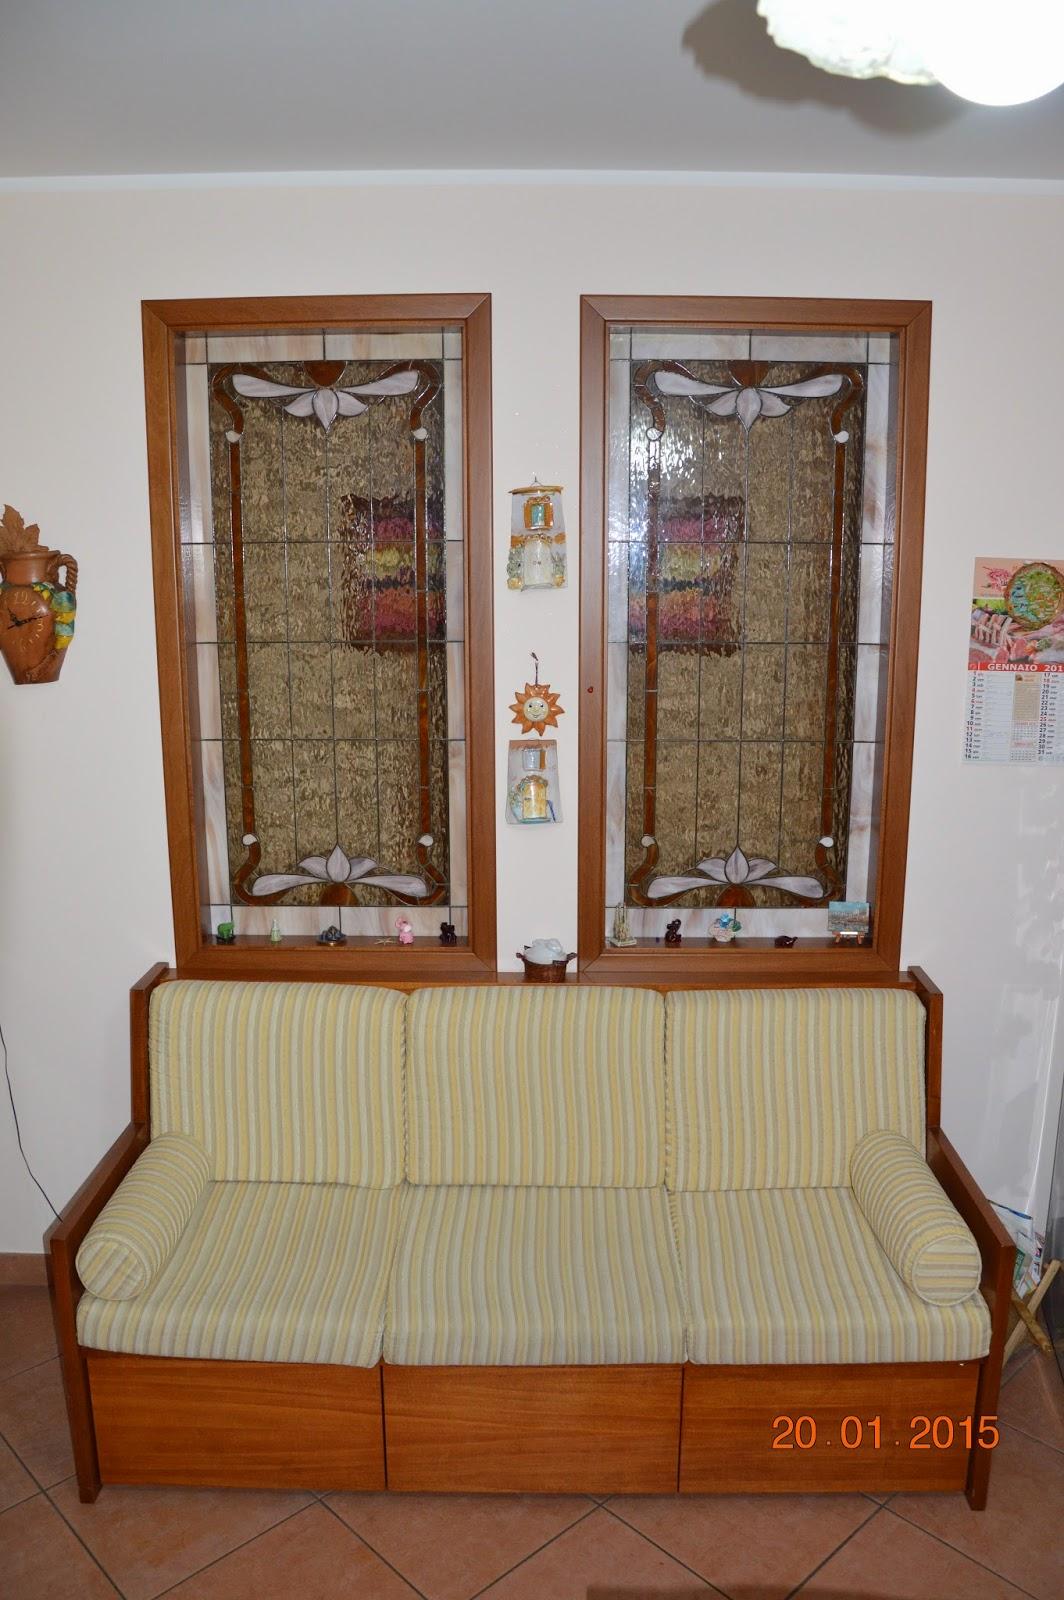 Arte del legno modelli di finestre esterne ed interne in legno - Modelli di finestre ...